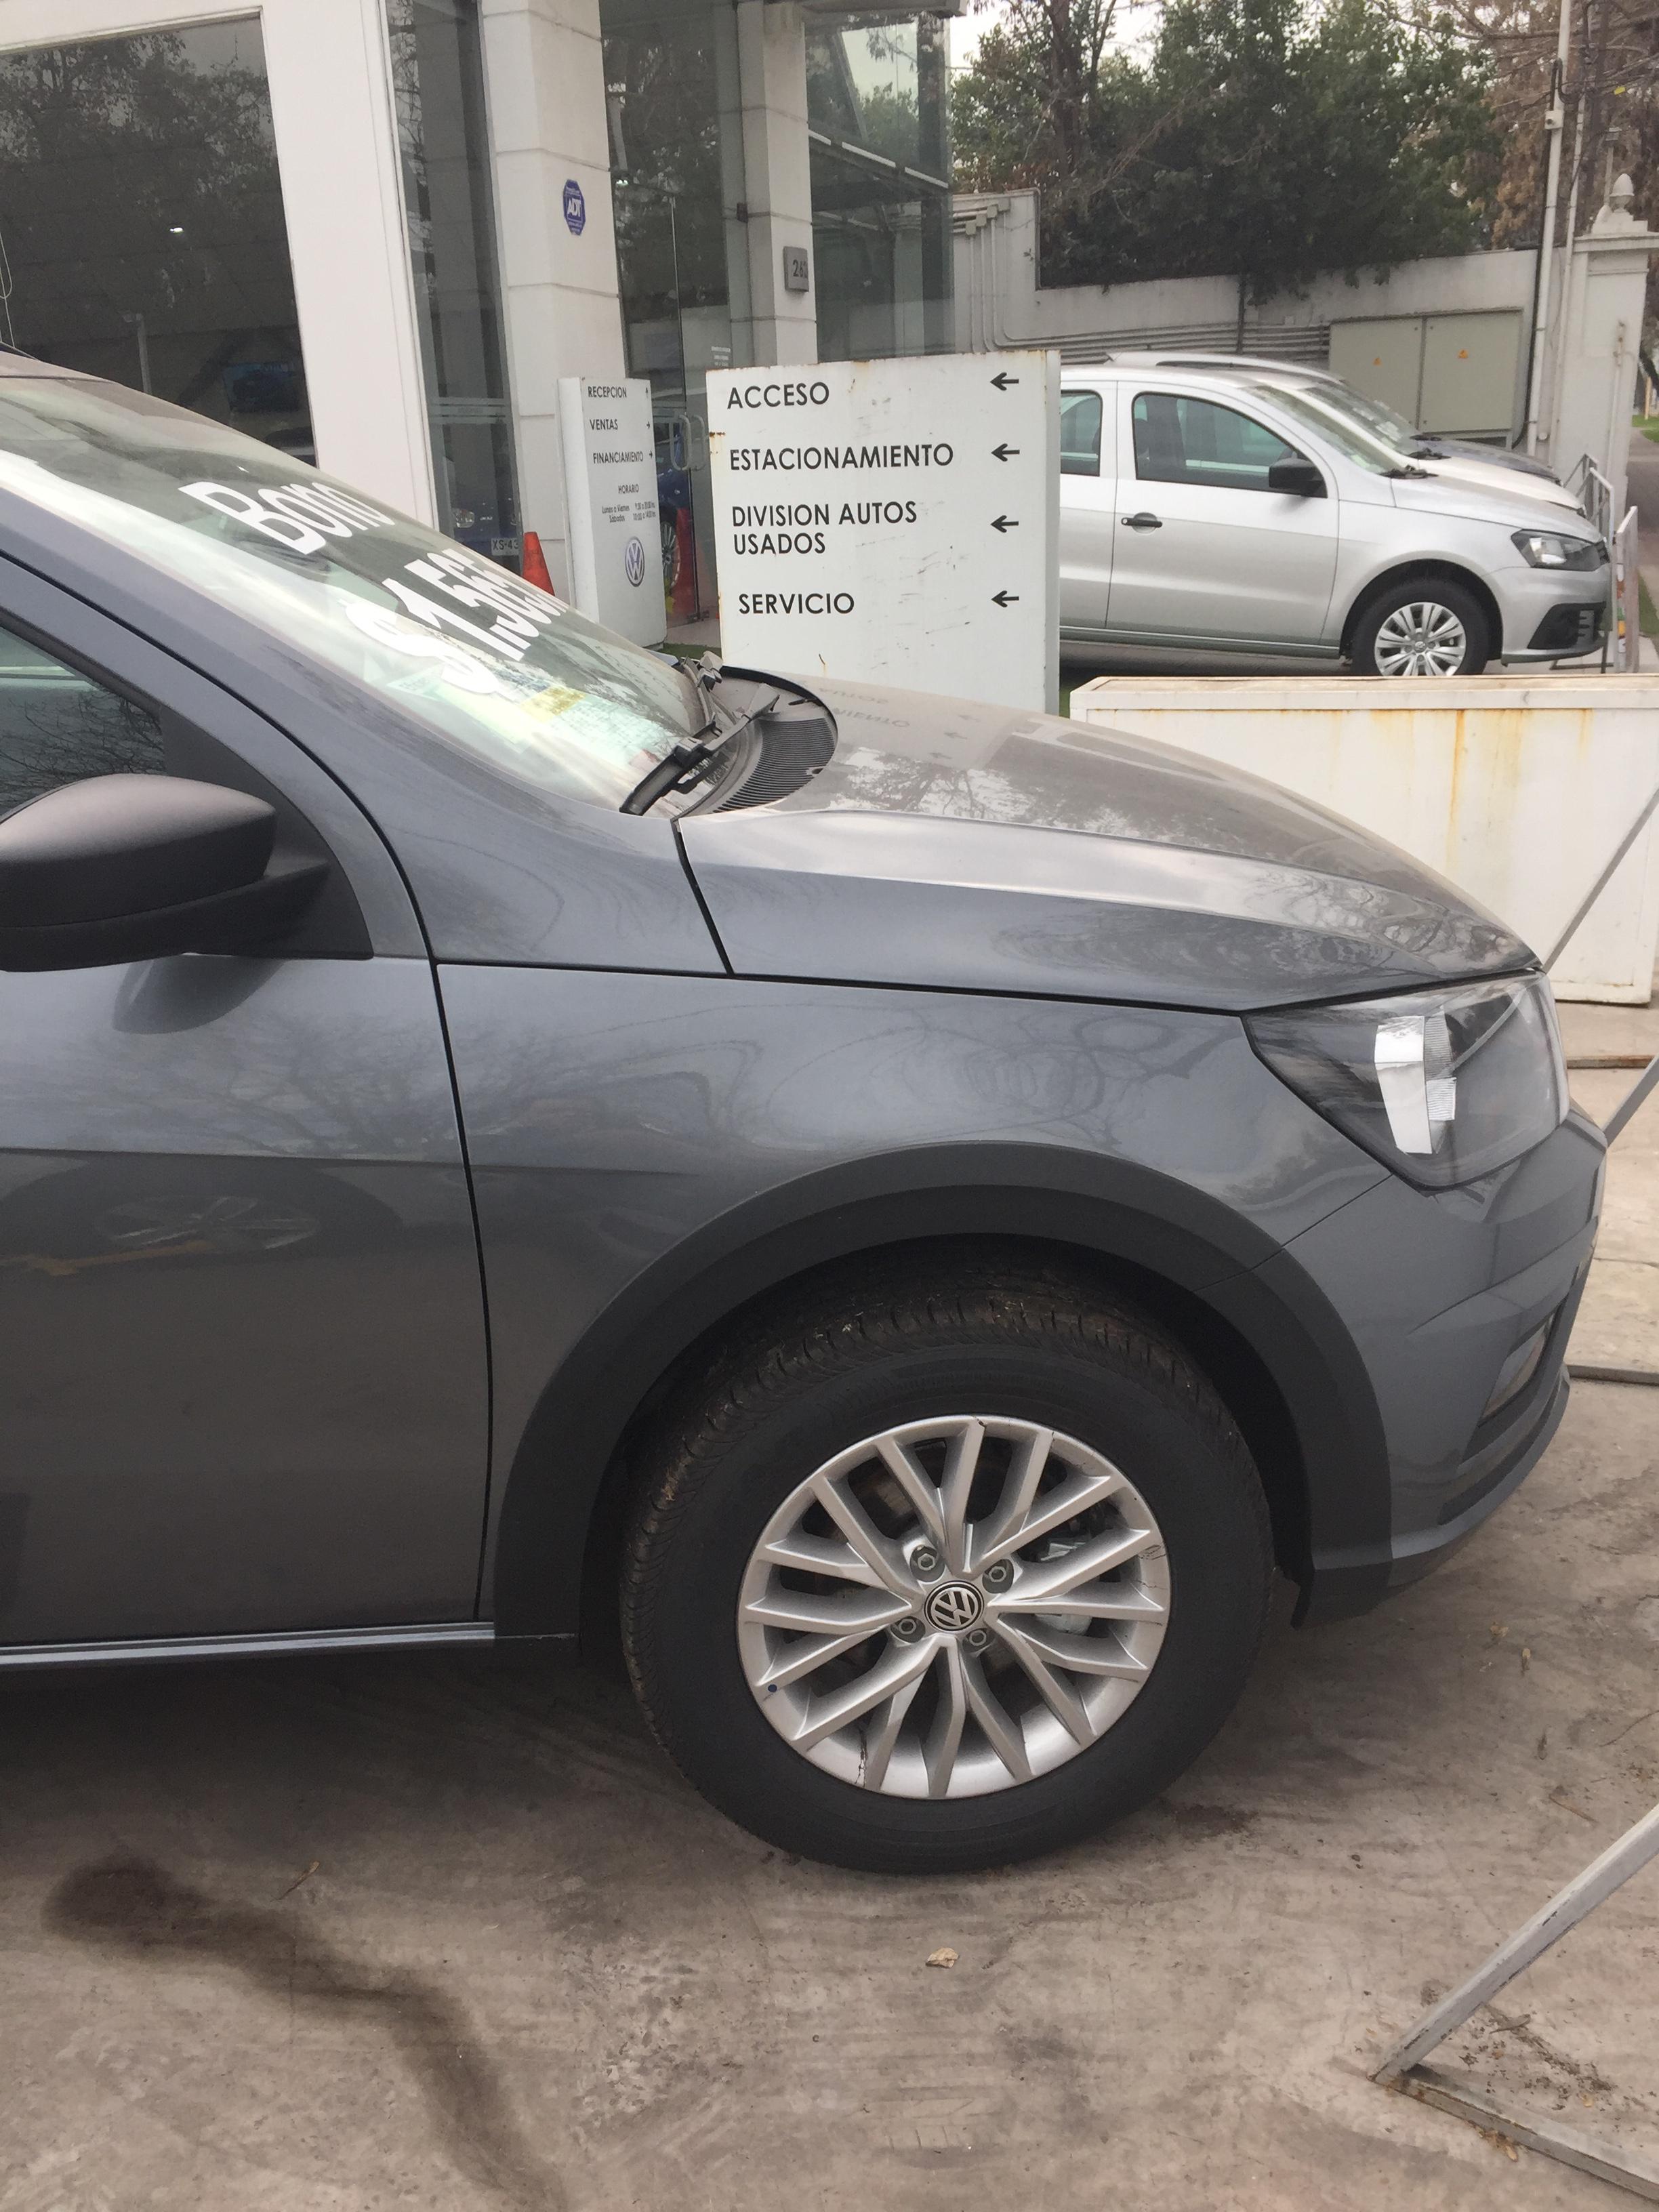 Volkswagen Saveiro Doble Cabina 1.6 cc puertas 2 asientos 4 año 2017